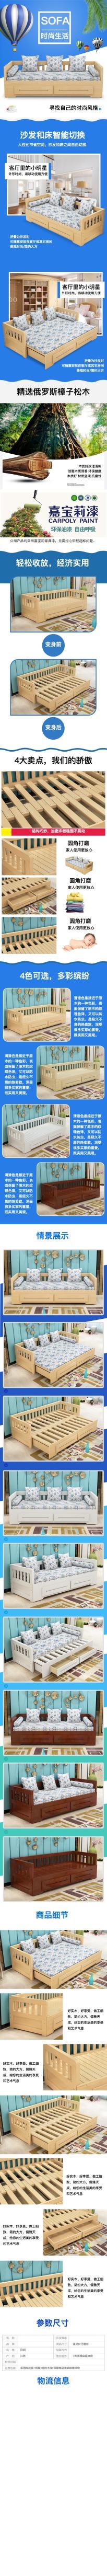 清新时尚沙发床电商详情图